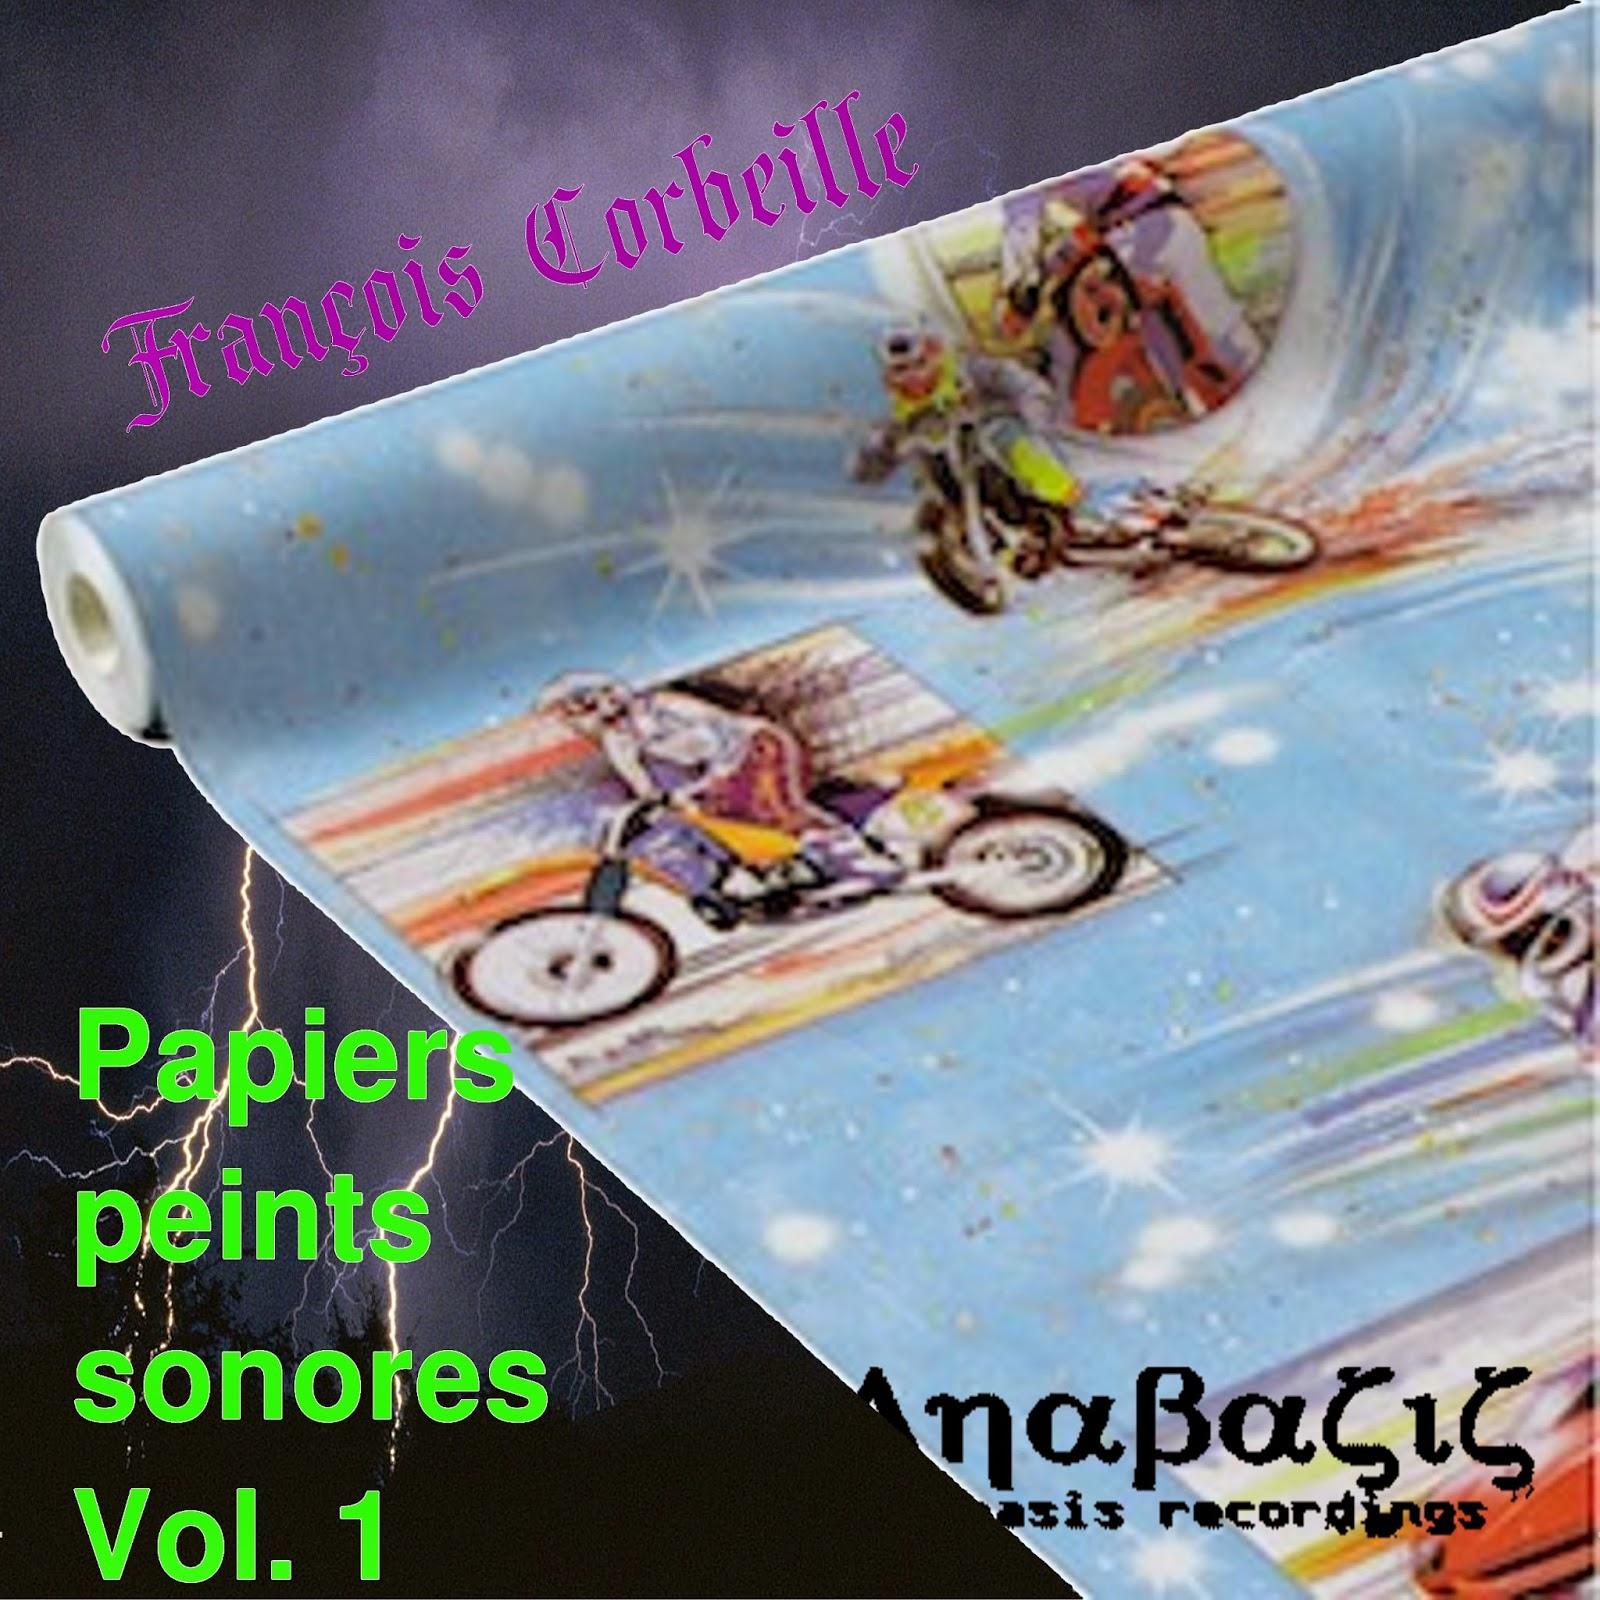 Papier Peint Theme Musique - Papiers peints musique Papier peint musique • PIXERS